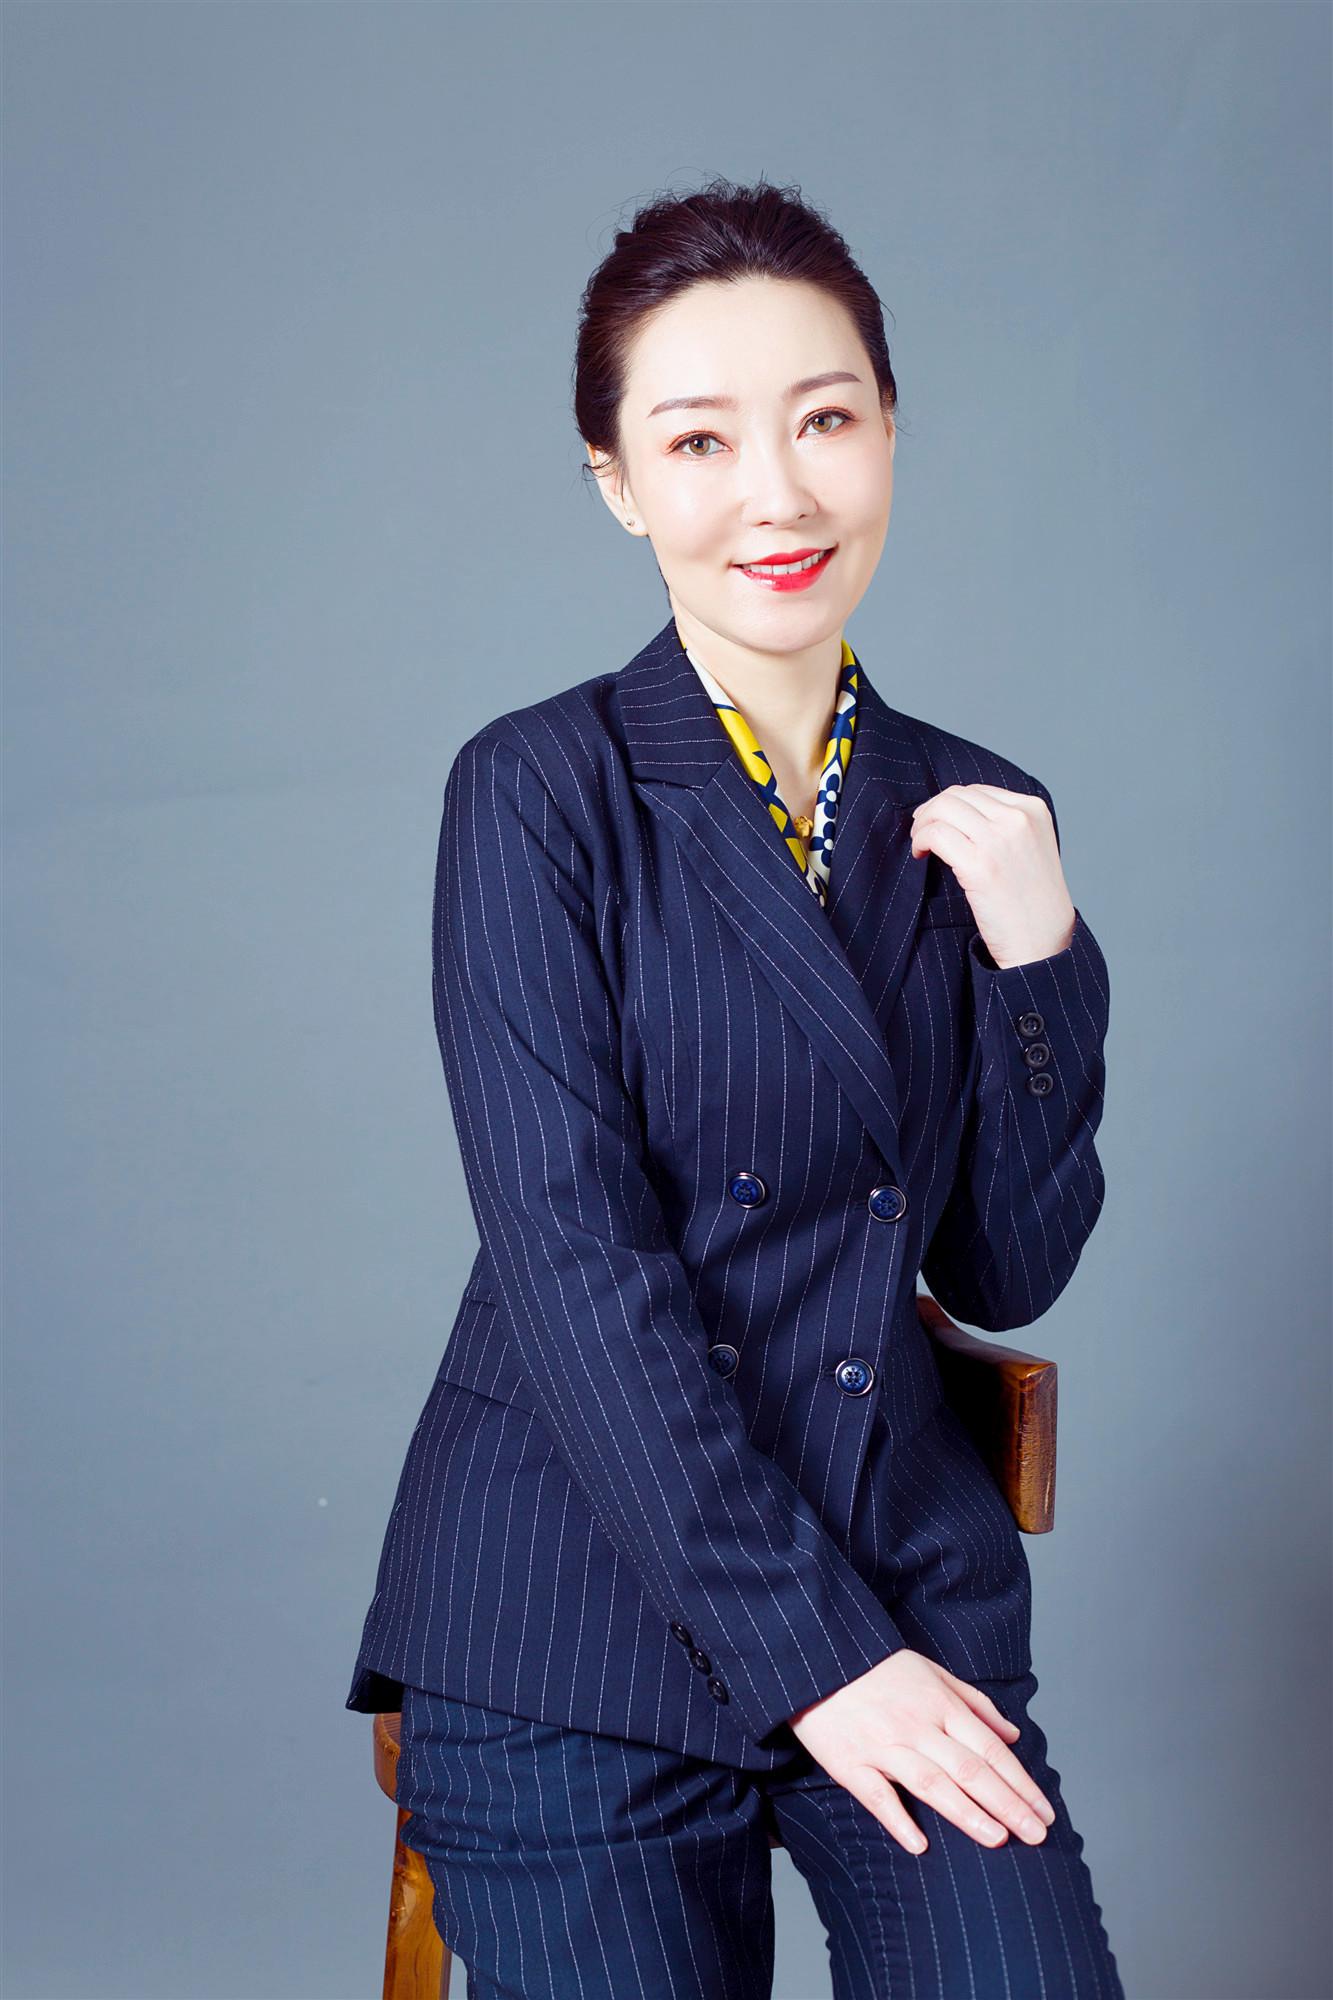 南京专业环球礼仪培训机构